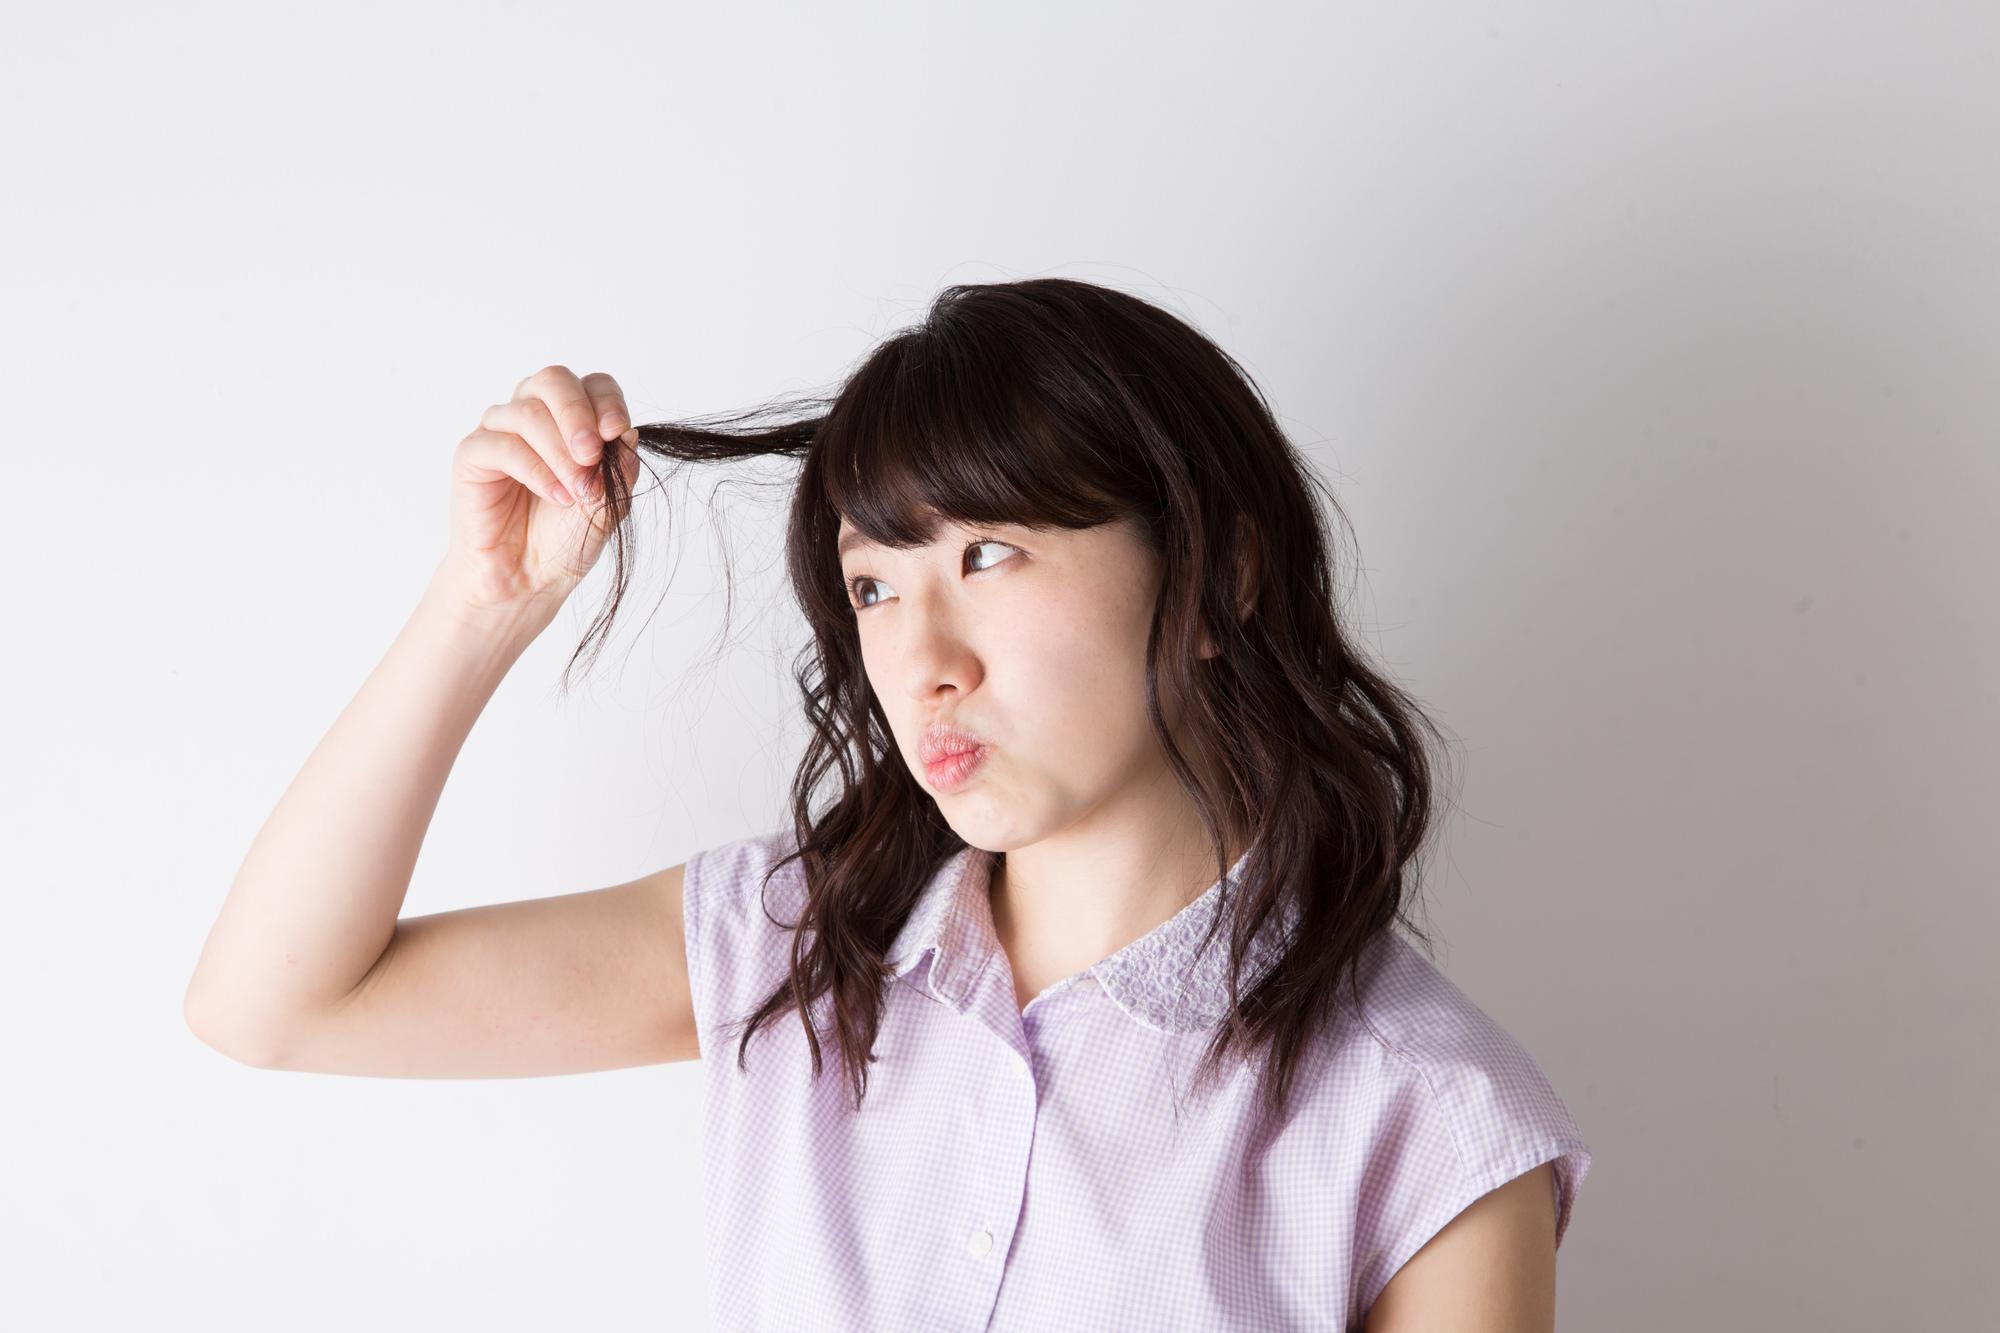 薄毛や抜け毛には肝臓が大きく関係している!その影響とは?